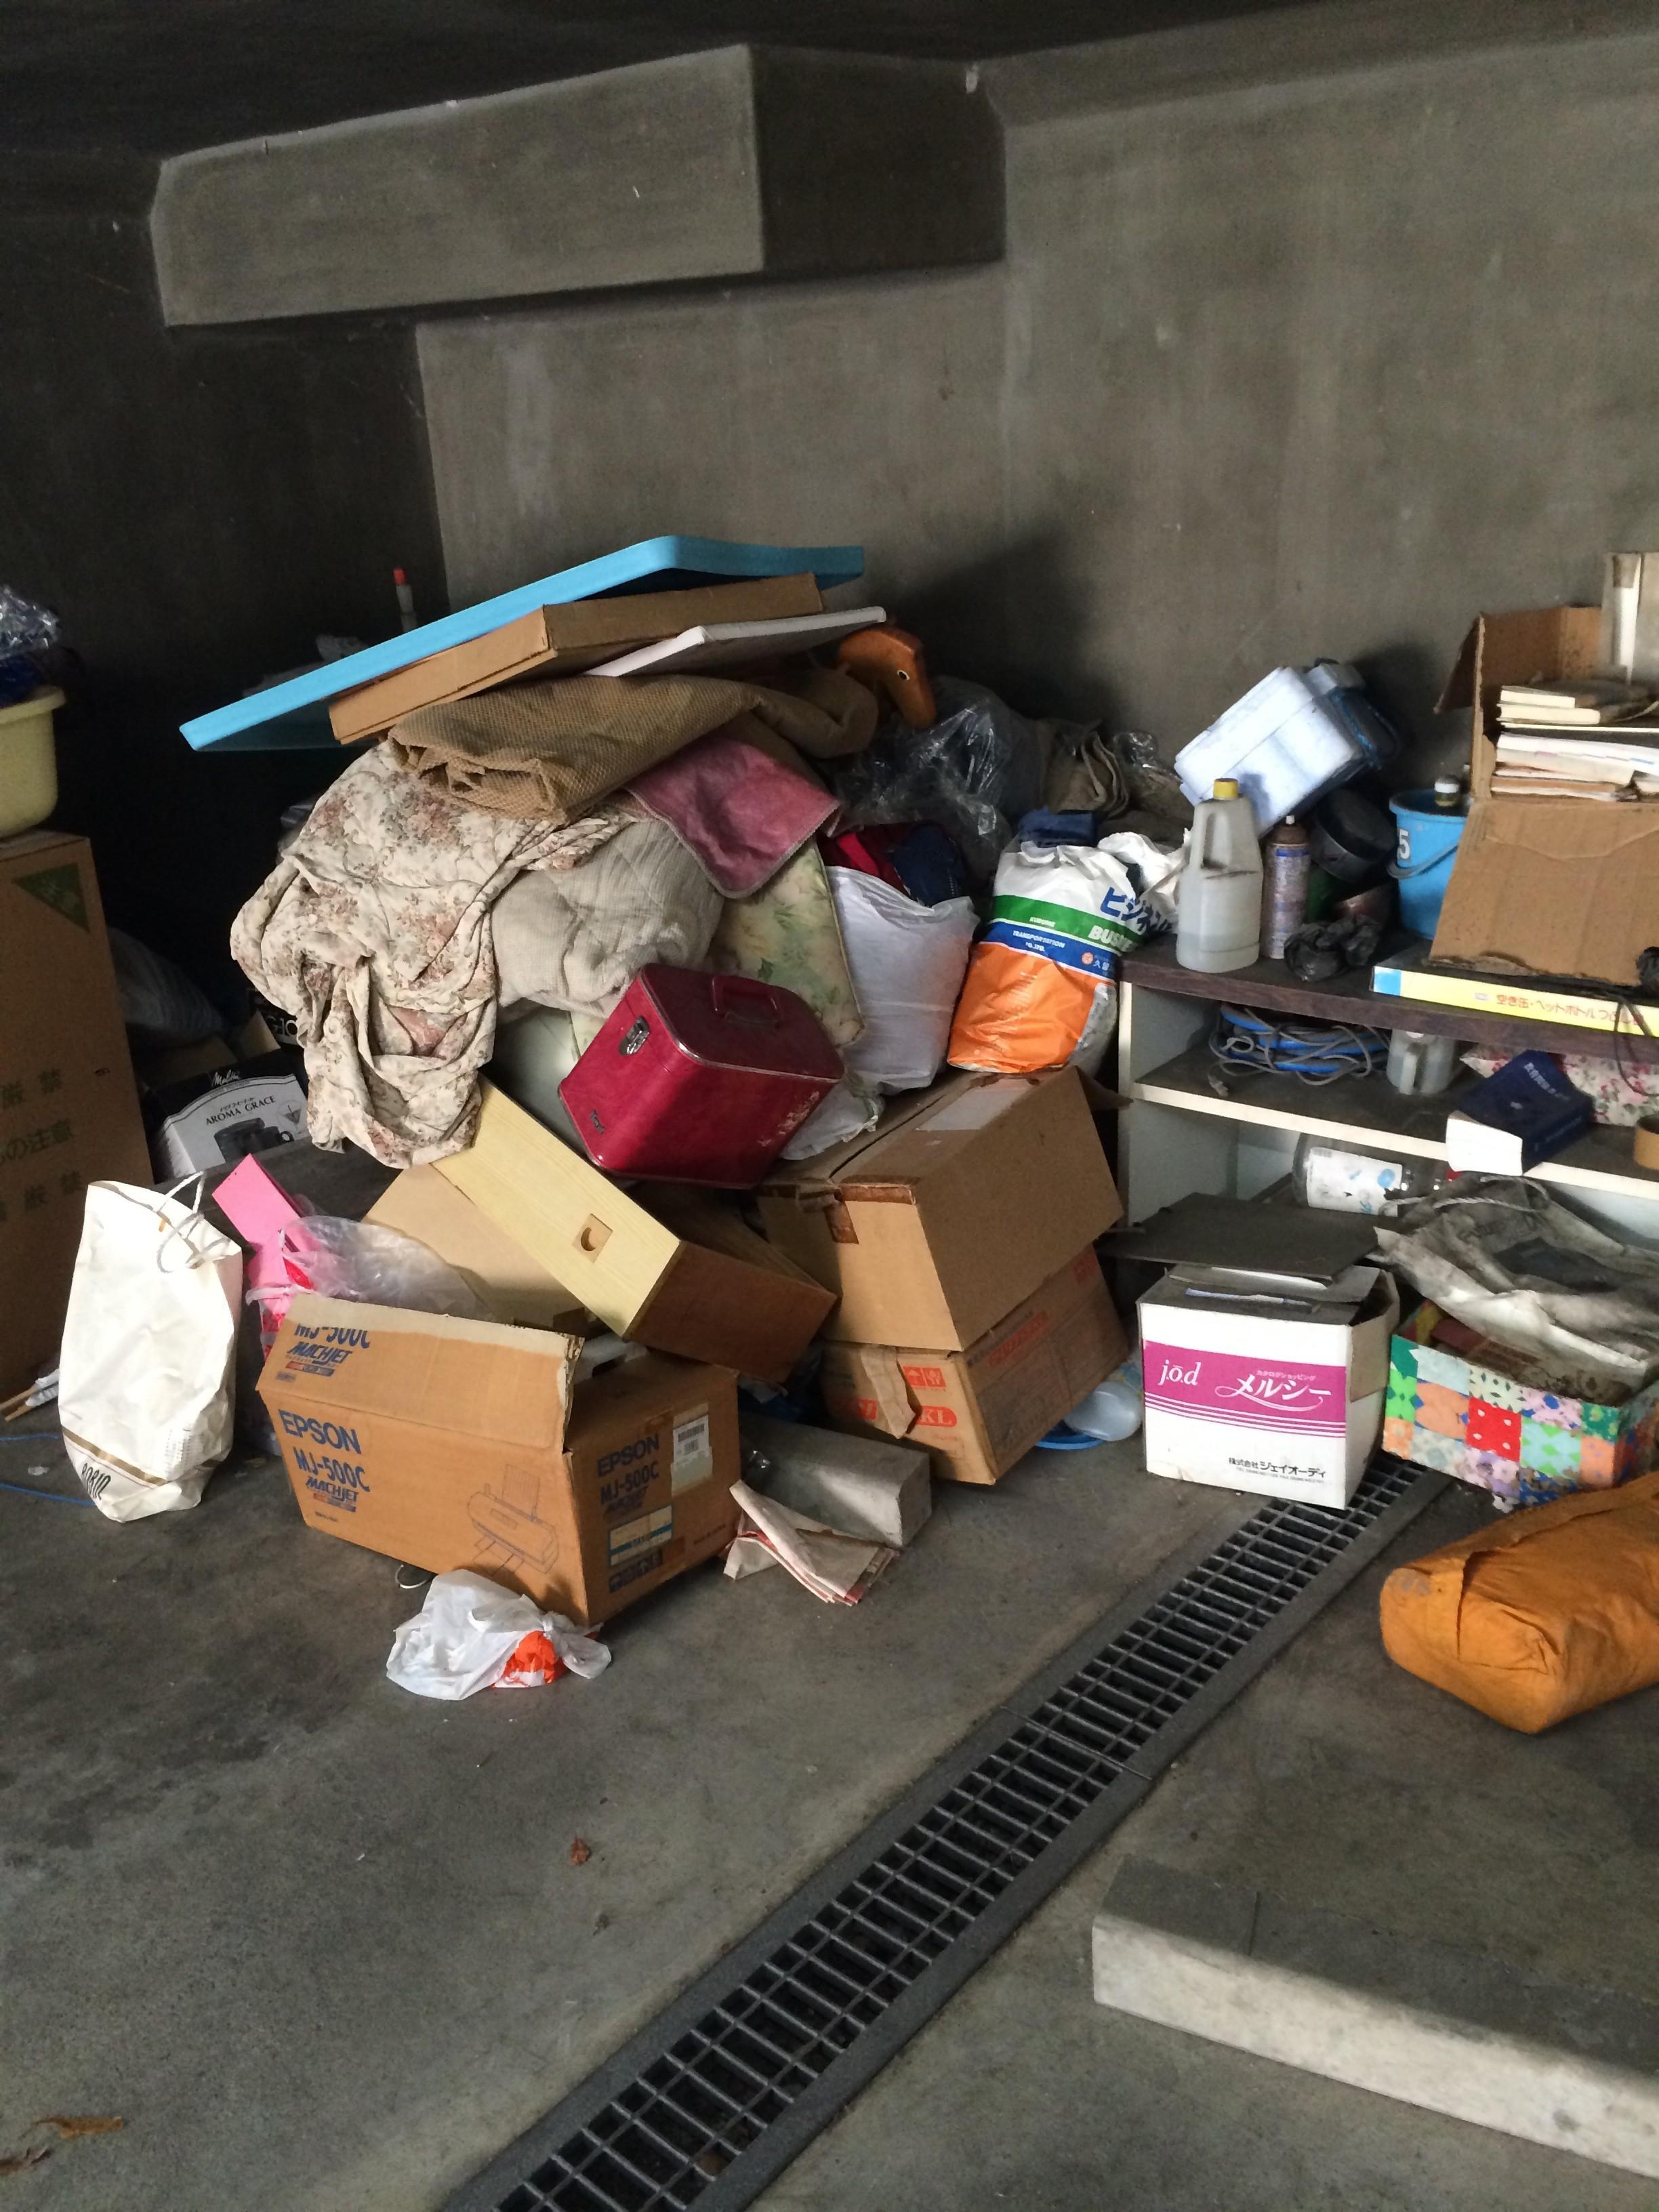 福岡不用品回収、ゴミ回収、実家の片付け、生前整理、空き家の片付け、粗大ゴミ回収